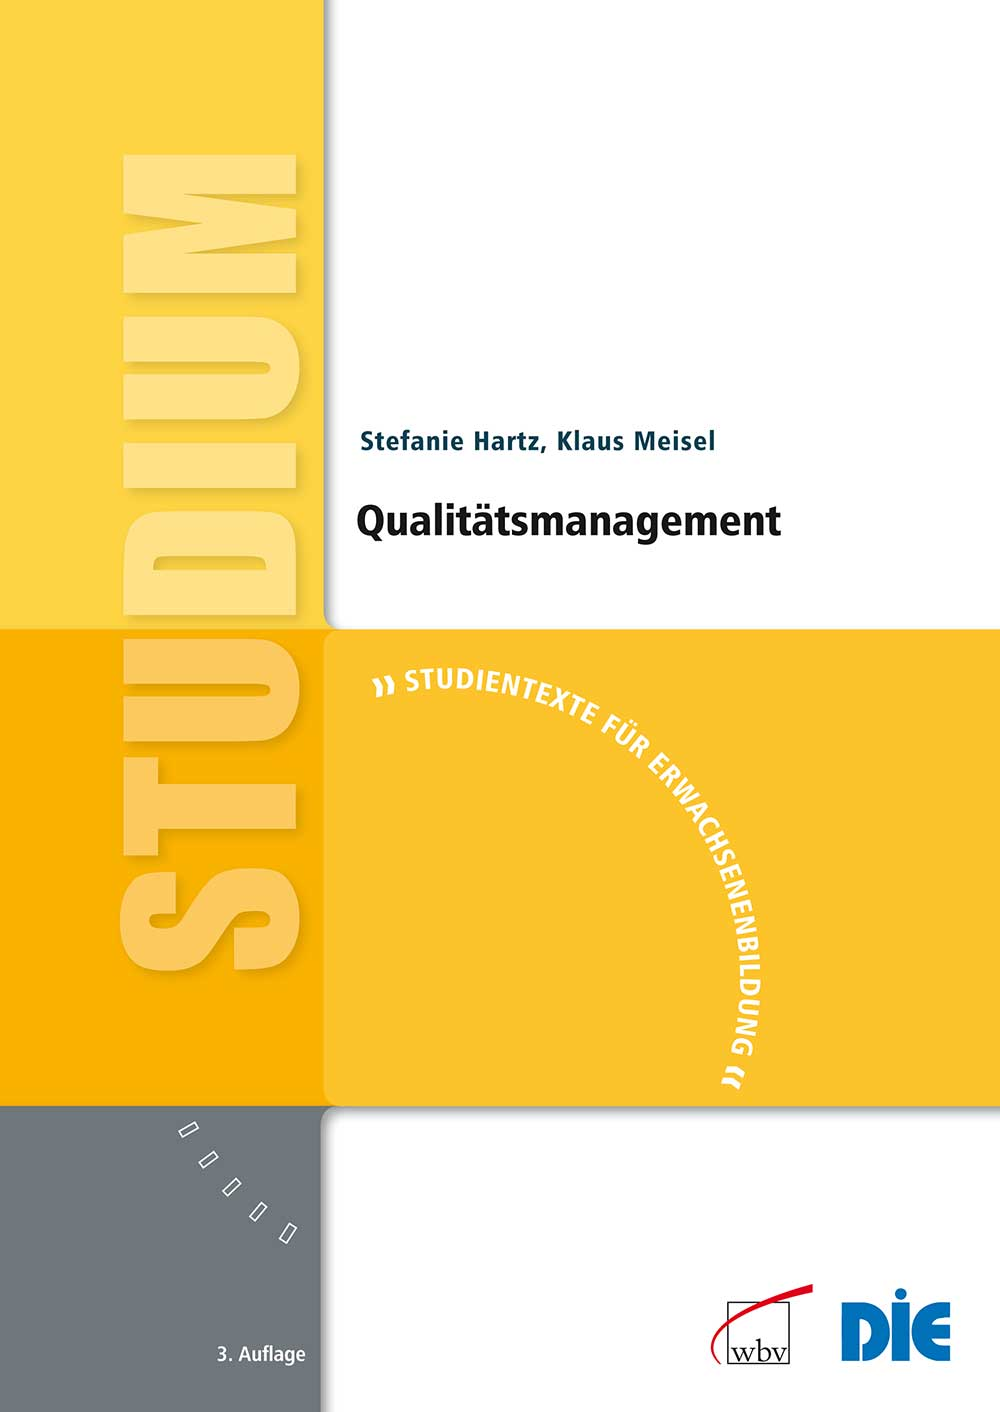 Qualitätsmanagement - Stefanie Hartz